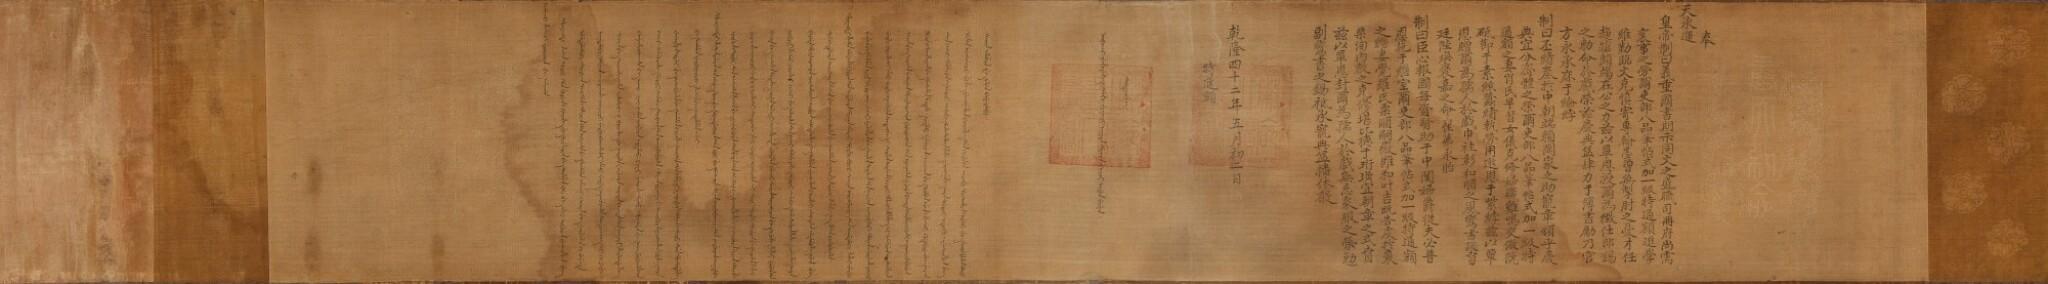 View 1 of Lot 149. Edit Impérial Dynastie Qing, époque Qianlong daté de la 42E année du règne Qianlong (1777) | 清乾隆四十二年 敕命聖旨 | An Imperial Edict Qing Dynasty, Qianlong period, dated 42th year of the Qianlong reign (1777).